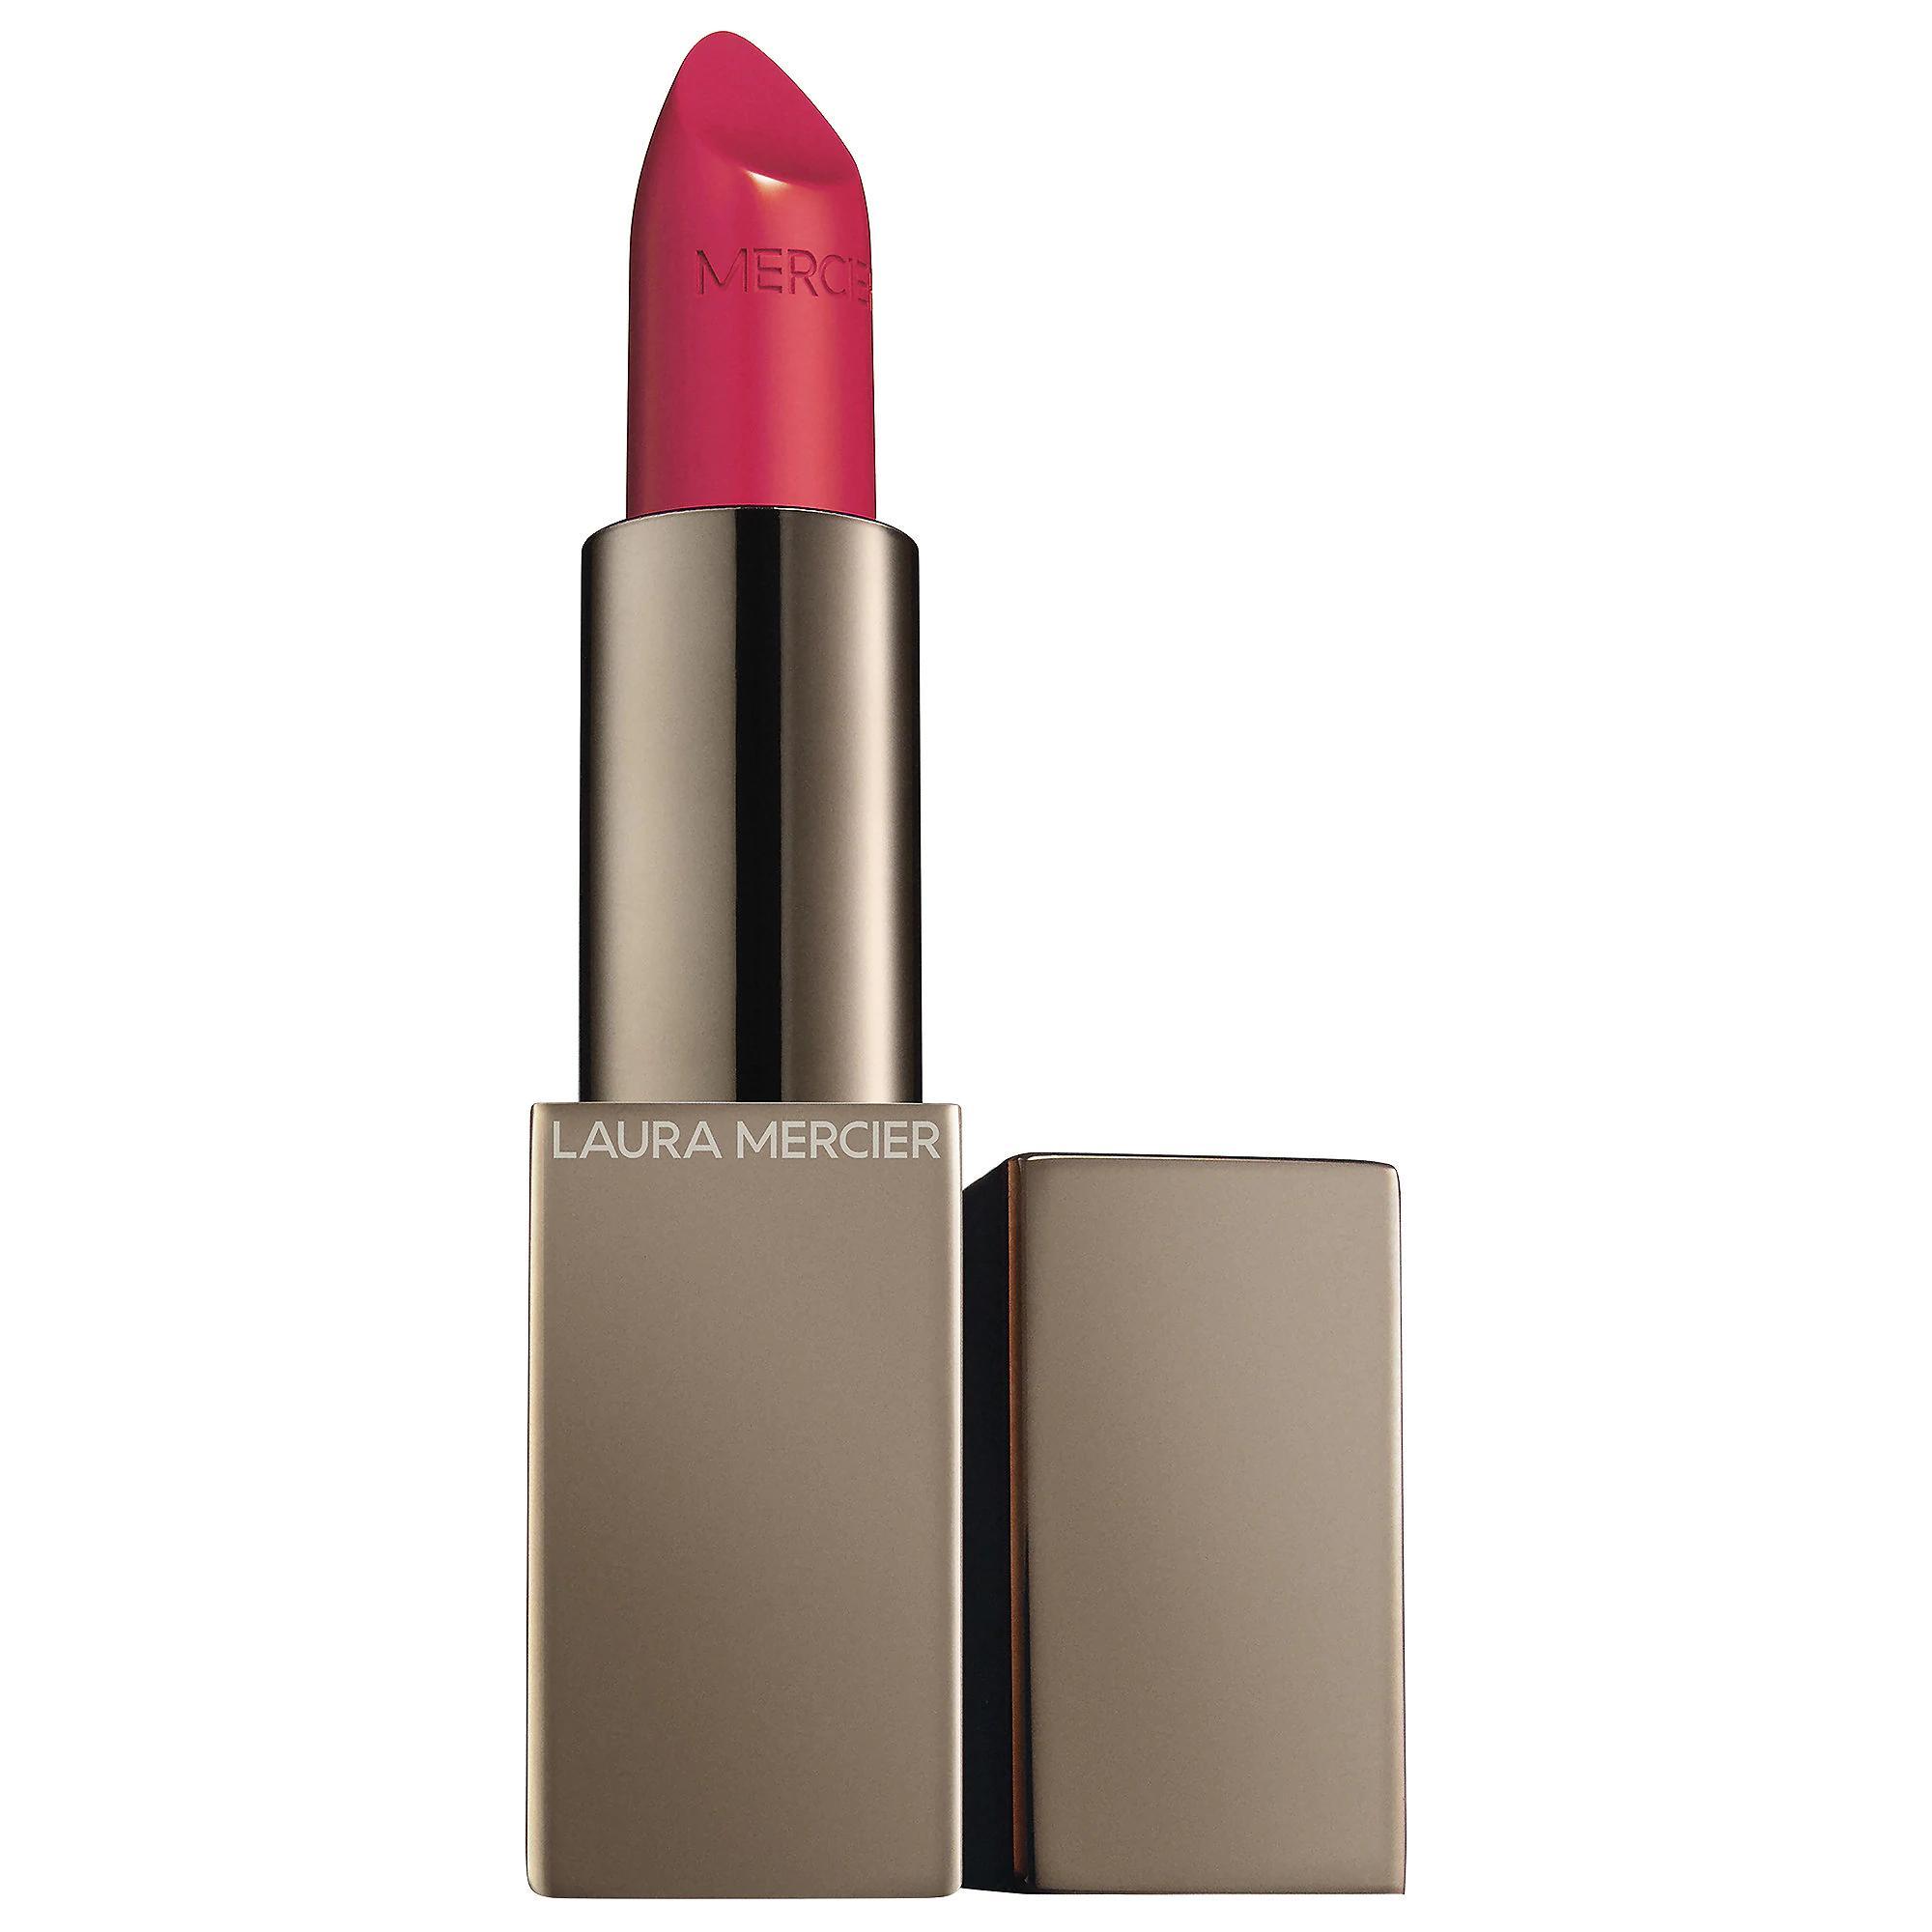 Laura Mercier Rouge Essentiel Silky Creme Lipstick Rose Decadent